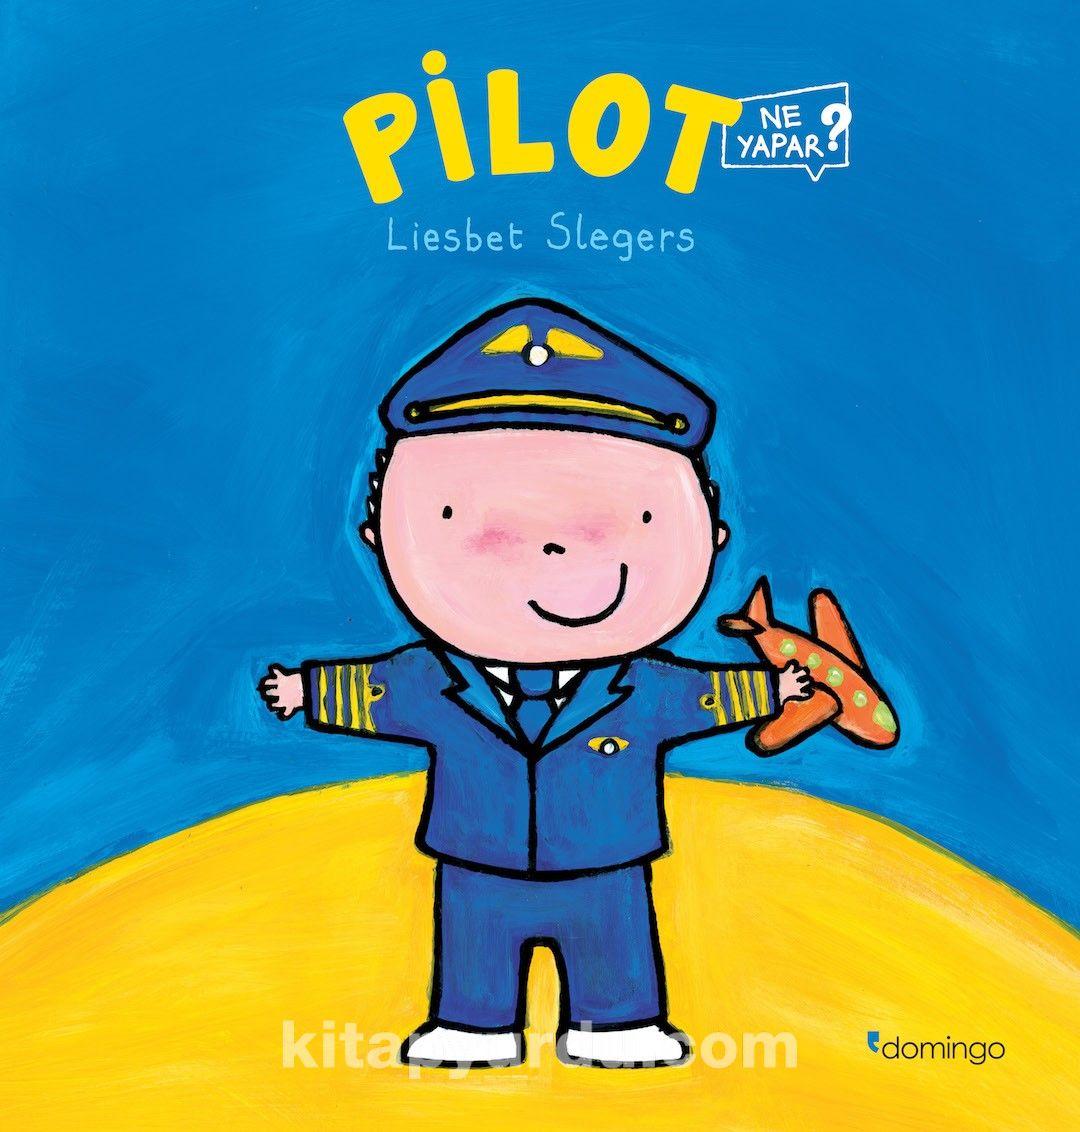 PilotNe Yapar?